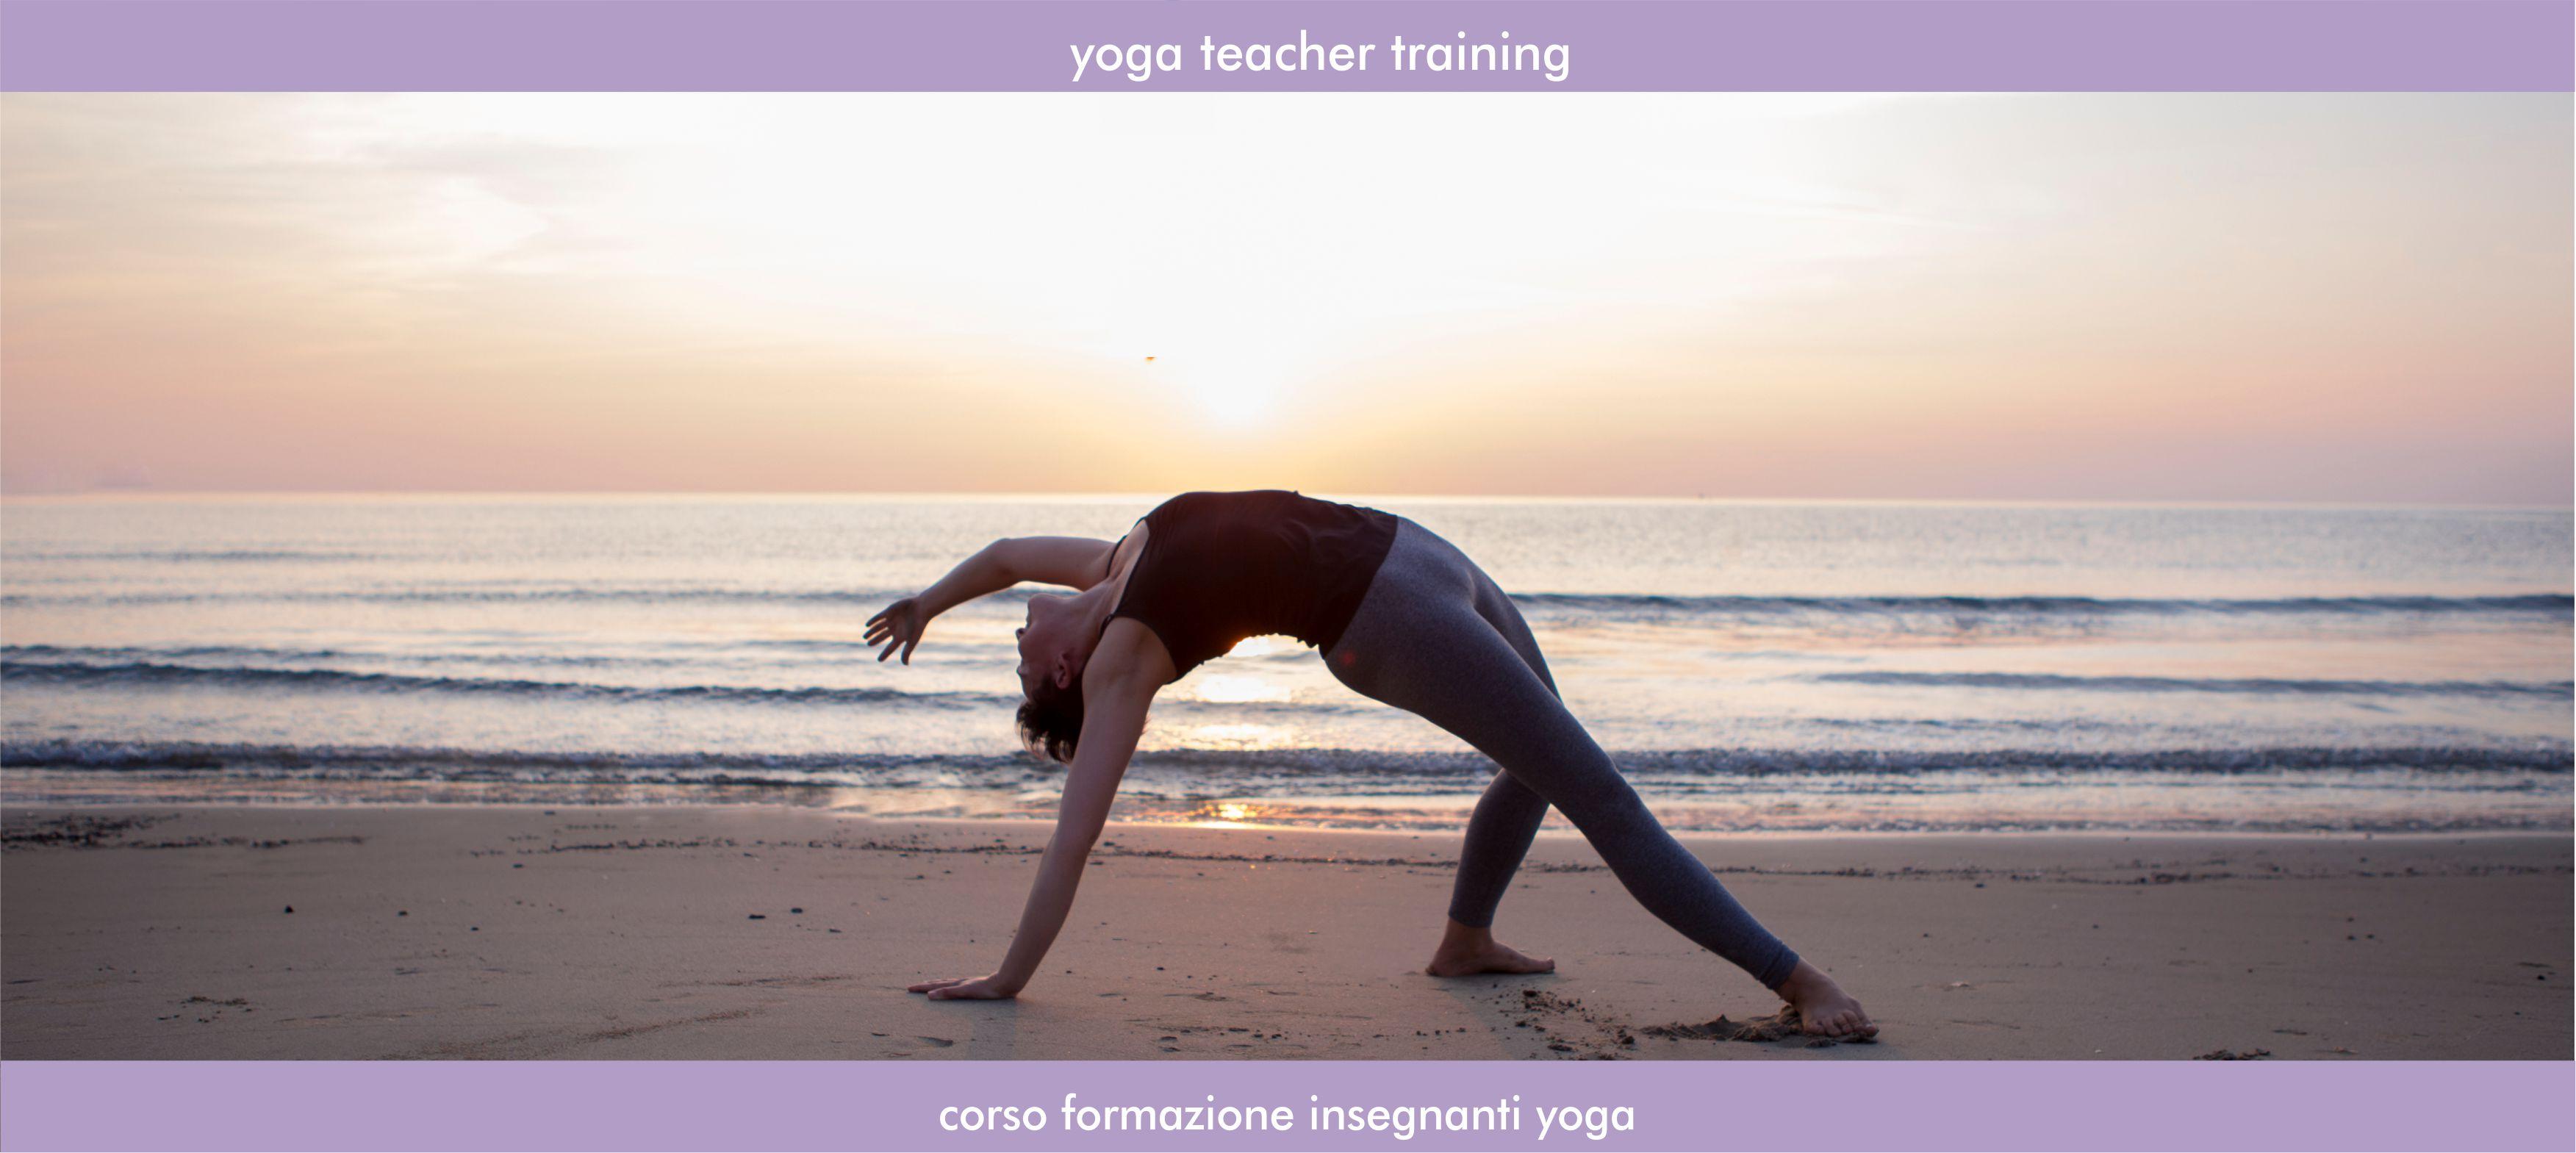 Insegno Yoga Free Yoga teacher training corso formazione insegnanti